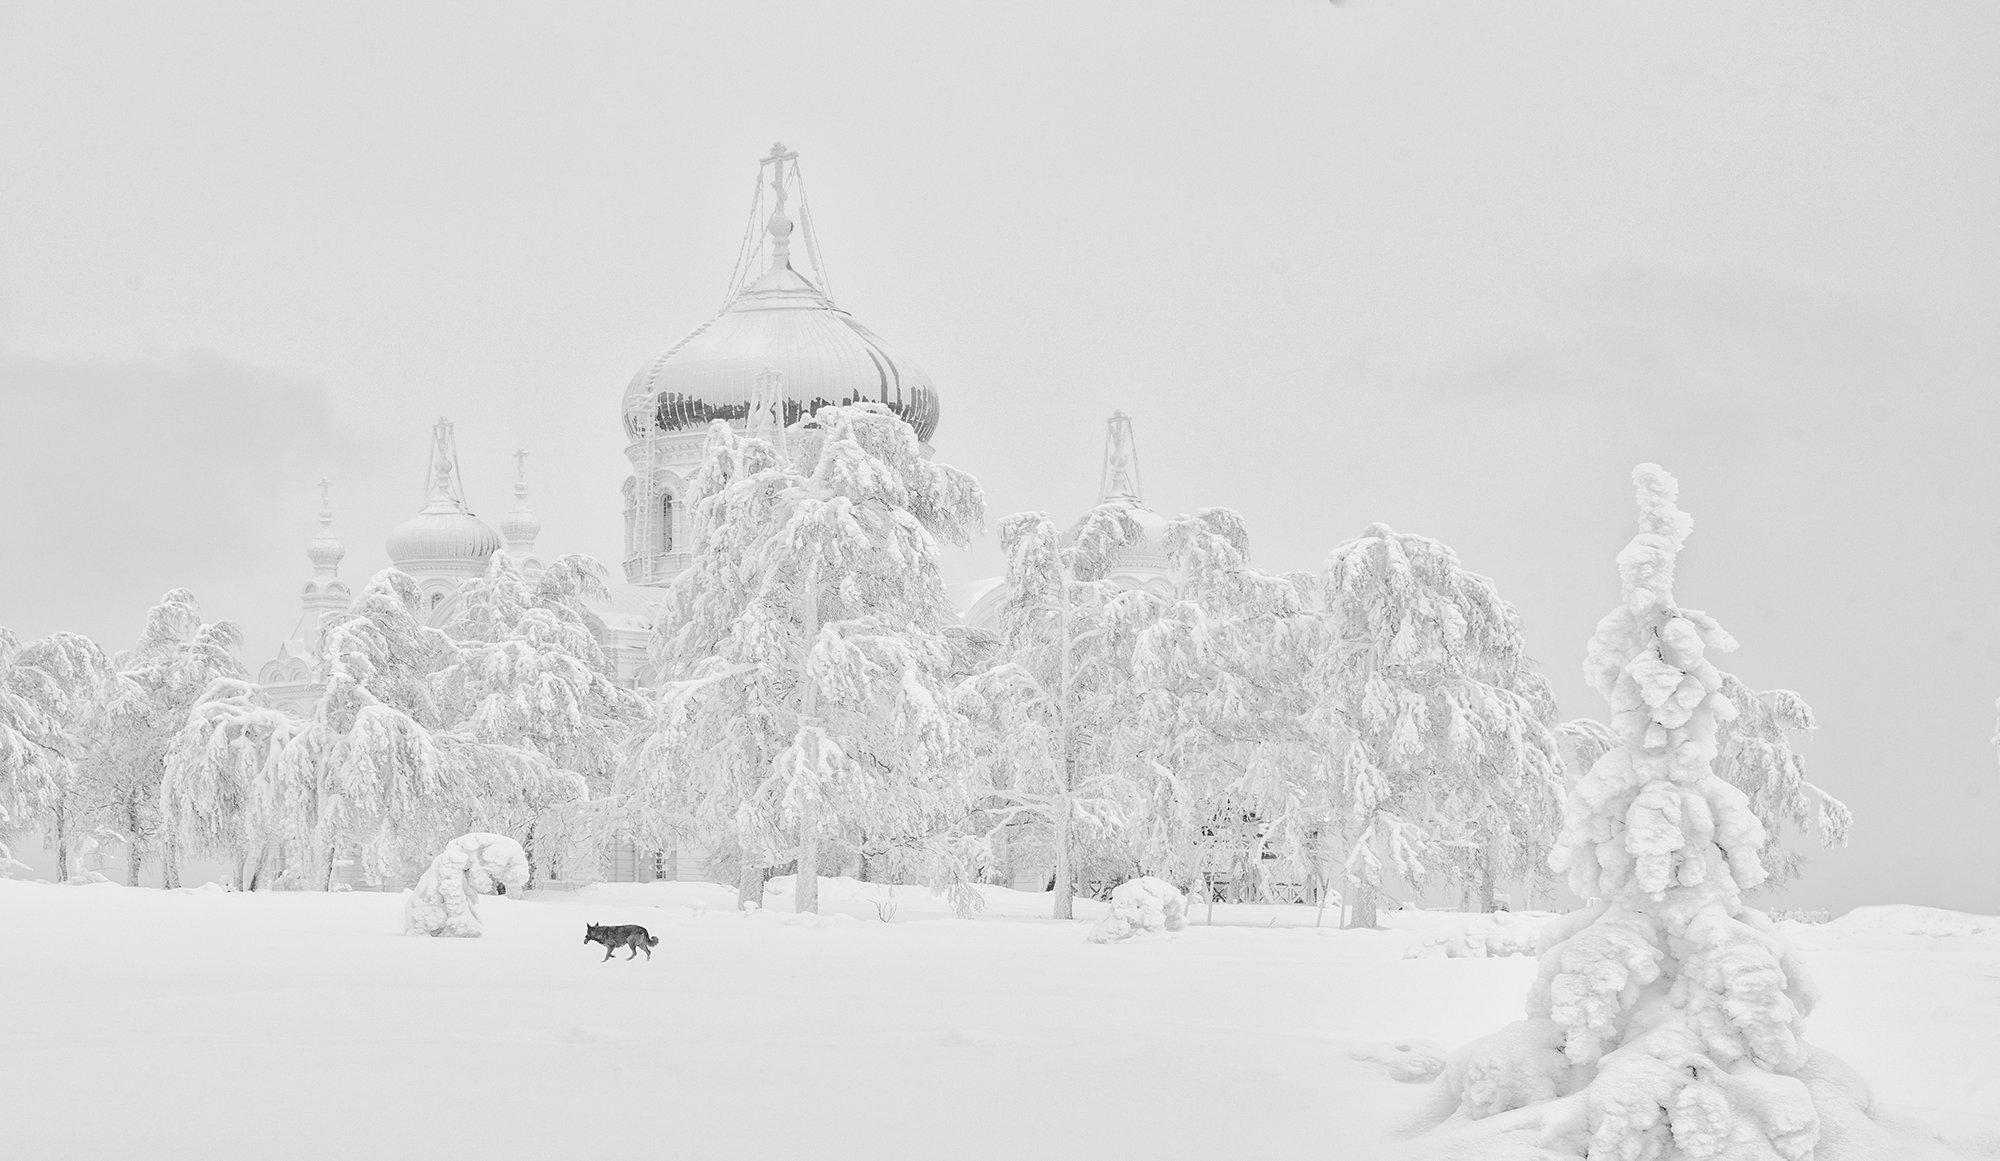 зима снег белогорский монастырь, Виктор Новокрещенов